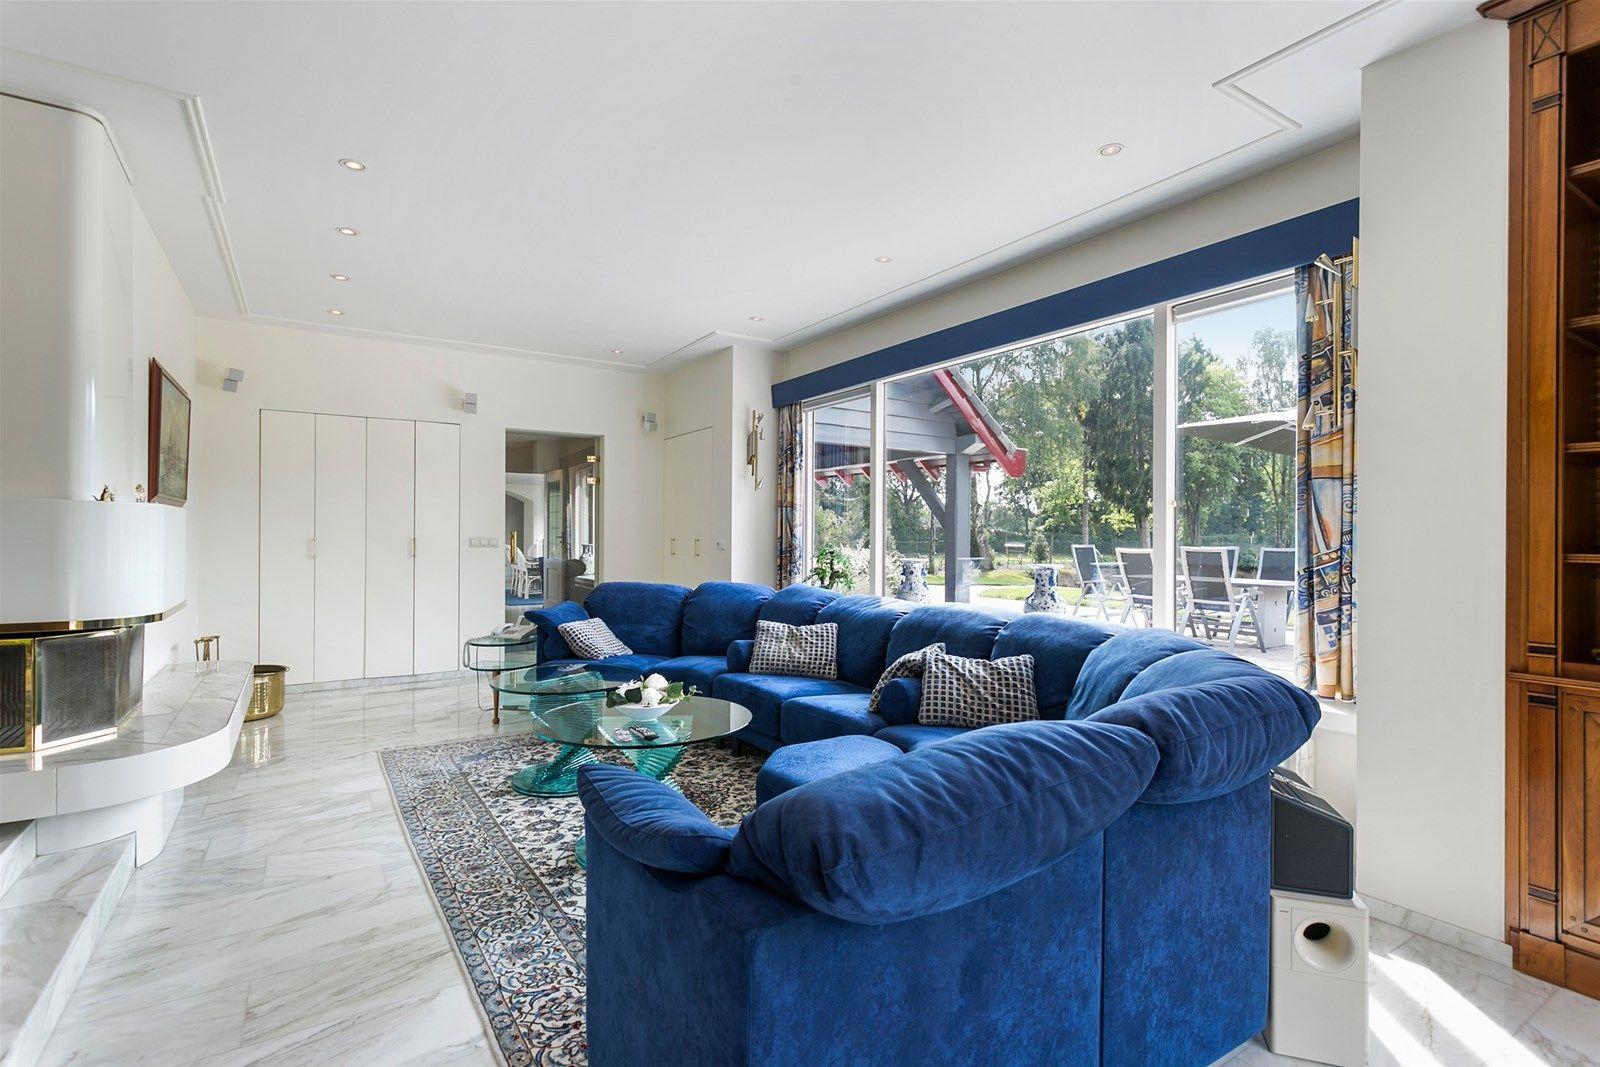 Voor mensen die op zoek zijn naar vrijheid, privacy en de schoonheid van het Brabantse landschap, bieden wij u dit imposante landhuis aan op totaal 90.110 m² grond. Dit volledig vrij gelegen landhuis is keurig onderhouden en luxe afgewerkt, waarbij is nagedacht over het optimaliseren van het comfortniveau. Het landhuis is uitermate geschikt om wonen en werken te combineren. Het beschikt over een inpandig bereikbare dubbele garage met daarboven een luxueus ingericht appartement met kantoorruimte welke ook te gebruiken is als gastenverblijf/aanleunwoning. Op het perceel bevinden zich diverse bijgebouwen, waaronder een voormalig zwembadhuis, stal,tuinhuis/opslag, werktuigenberging, kippenren en meerdere schuilhokken in de diverse dierenweides.  Het terrein is geheel omheind en voorzien van naald- en loofbossen, een fraaie vijverpartij met steiger, een golf green en het is toegankelijk middels een tweetal oprijlanen met op afstand bedienbare elektrische poorten met intercom en camera.  BEGANE GROND WOONHUIS Via de overdekte entree bereikt men de voorentree. Deze ruimte biedt middels fraaie dubbele deuren toegang tot de hal en toiletruimte en via de trapopgang is de eerste verdieping te bereiken. Afwerking- Vloerbedekking, stucwerk wanden en een stucwerk plafond met spotverlichting.   Meterkast- 17 groepen en aardlekschakelaarbeveiliging.   Toiletruimte met een -zwevend- closet en wastafelmeubel. Afwerking- Tegelvloer, betegelde wanden en een MDF plafond met spotverlichting.   Ruime hal voorzien van een garderobekast, wandkast en een bedieningspaneel voor een drietal poorten en een toegangs– en camera controle voor de hoofdpoort.. De ruimte biedt toegang tot de eetkamer, woonkamer en heeft openslaande deuren naar de achtertuin. Afwerking- Marmeren vloer met vloerverwarming, stucwerk wanden en een stucwerk plafond met  spotverlichting.   Mooie U-vormige woonkamer met niveau/hoogteverschil. De ruimte is voorzien van een open haard, een schuifpui naar het overdekt terras, e